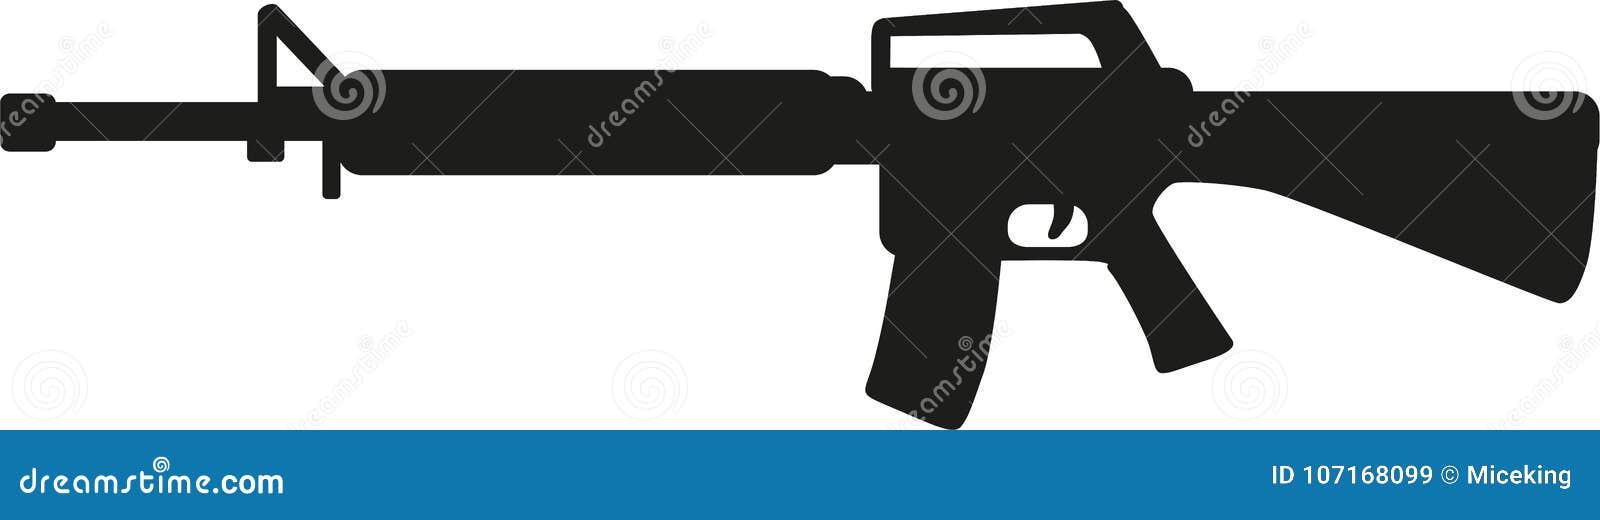 Vapen för prickskyttgevär